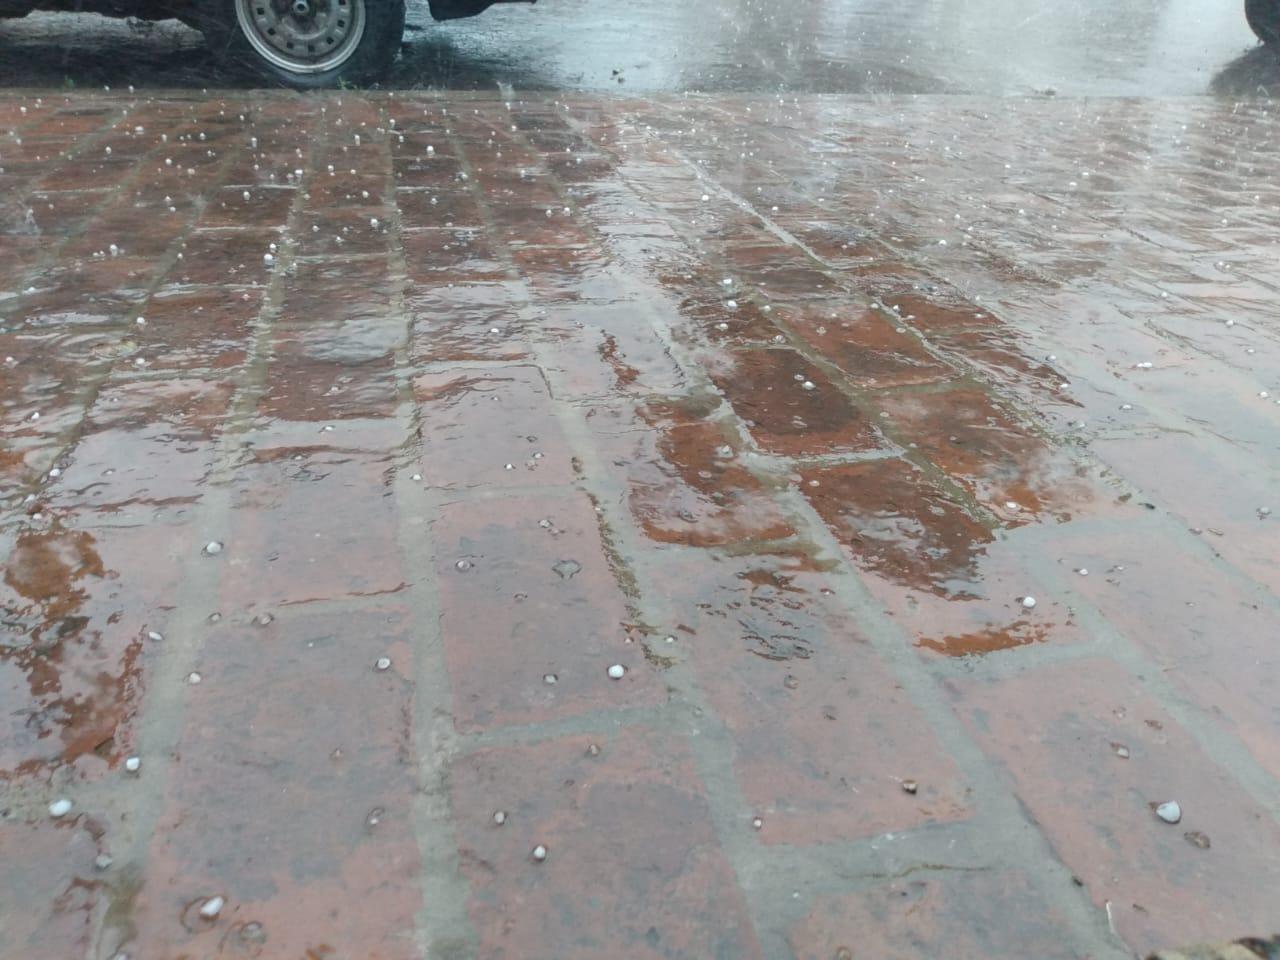 Tormenta con viento, lluvia y caída de granizo en Pergamino. Hablamos con Javier Villalba, director de Defensa Civil 1